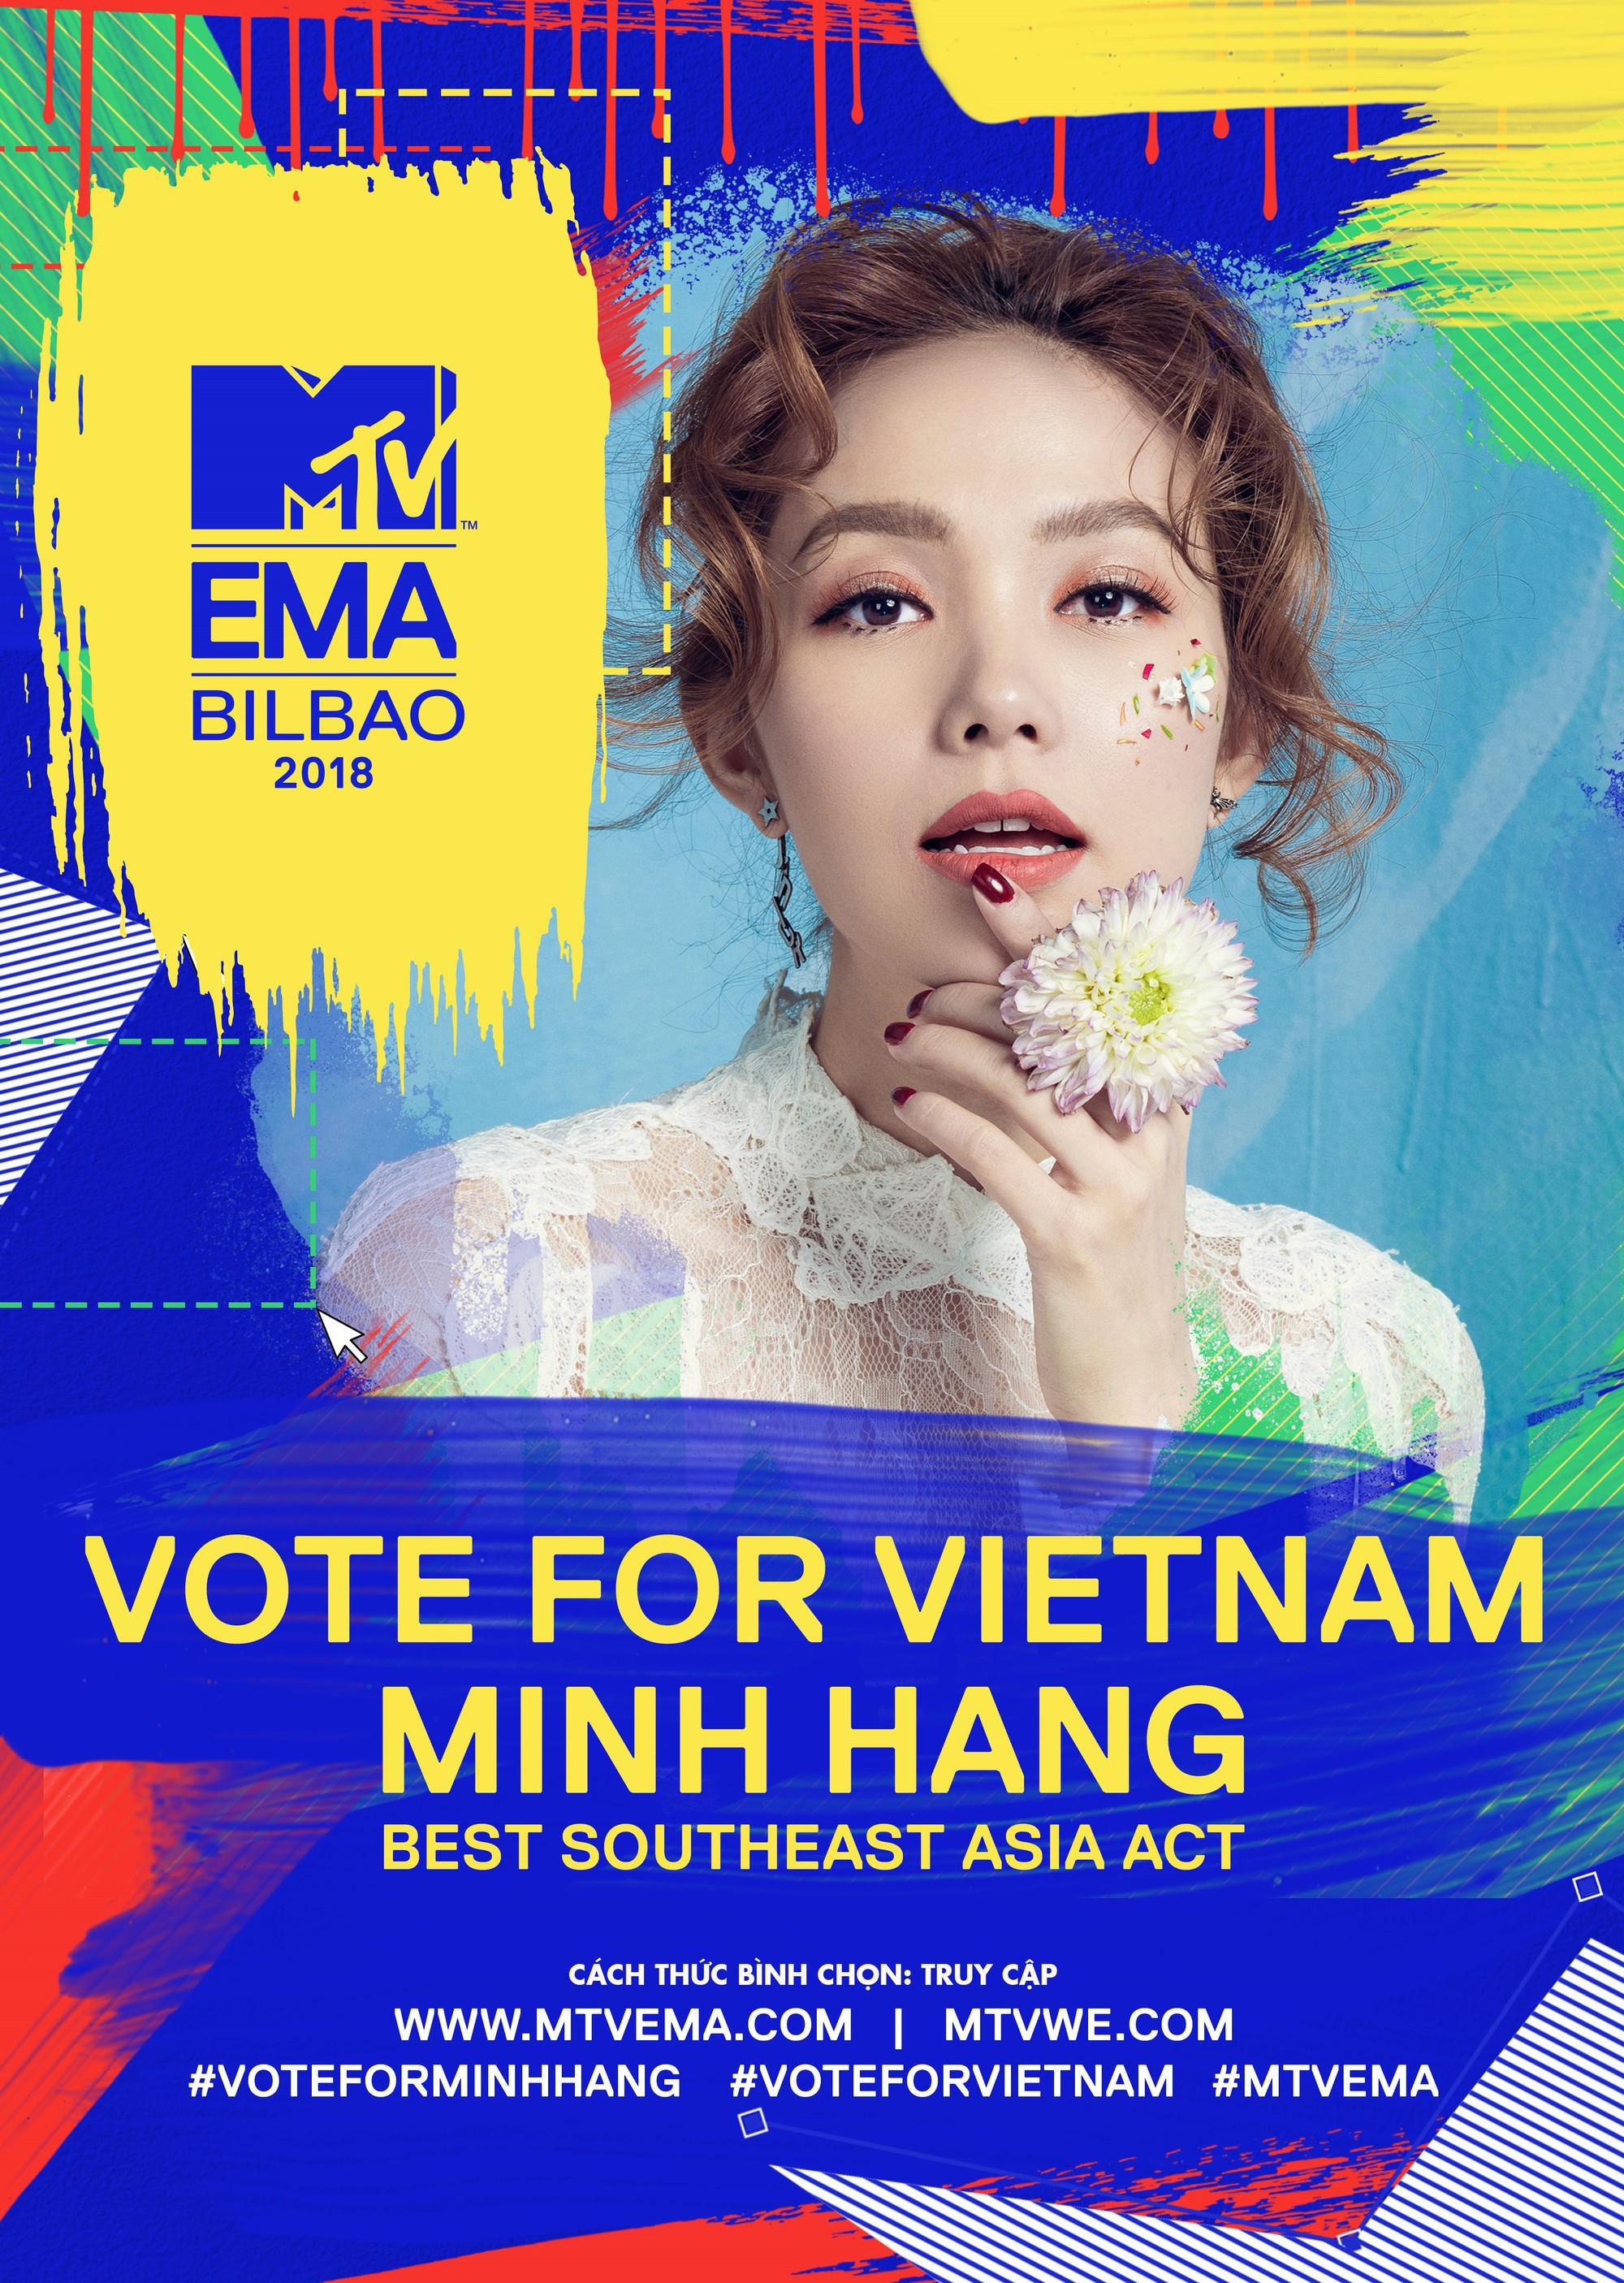 Nhân dịp đại diện Việt Nam tham dự MTV EMA 2018, cùng nhìn lại các mốc son chói lọi trong sự nghiệp âm nhạc của Minh Hằng - Ảnh 1.